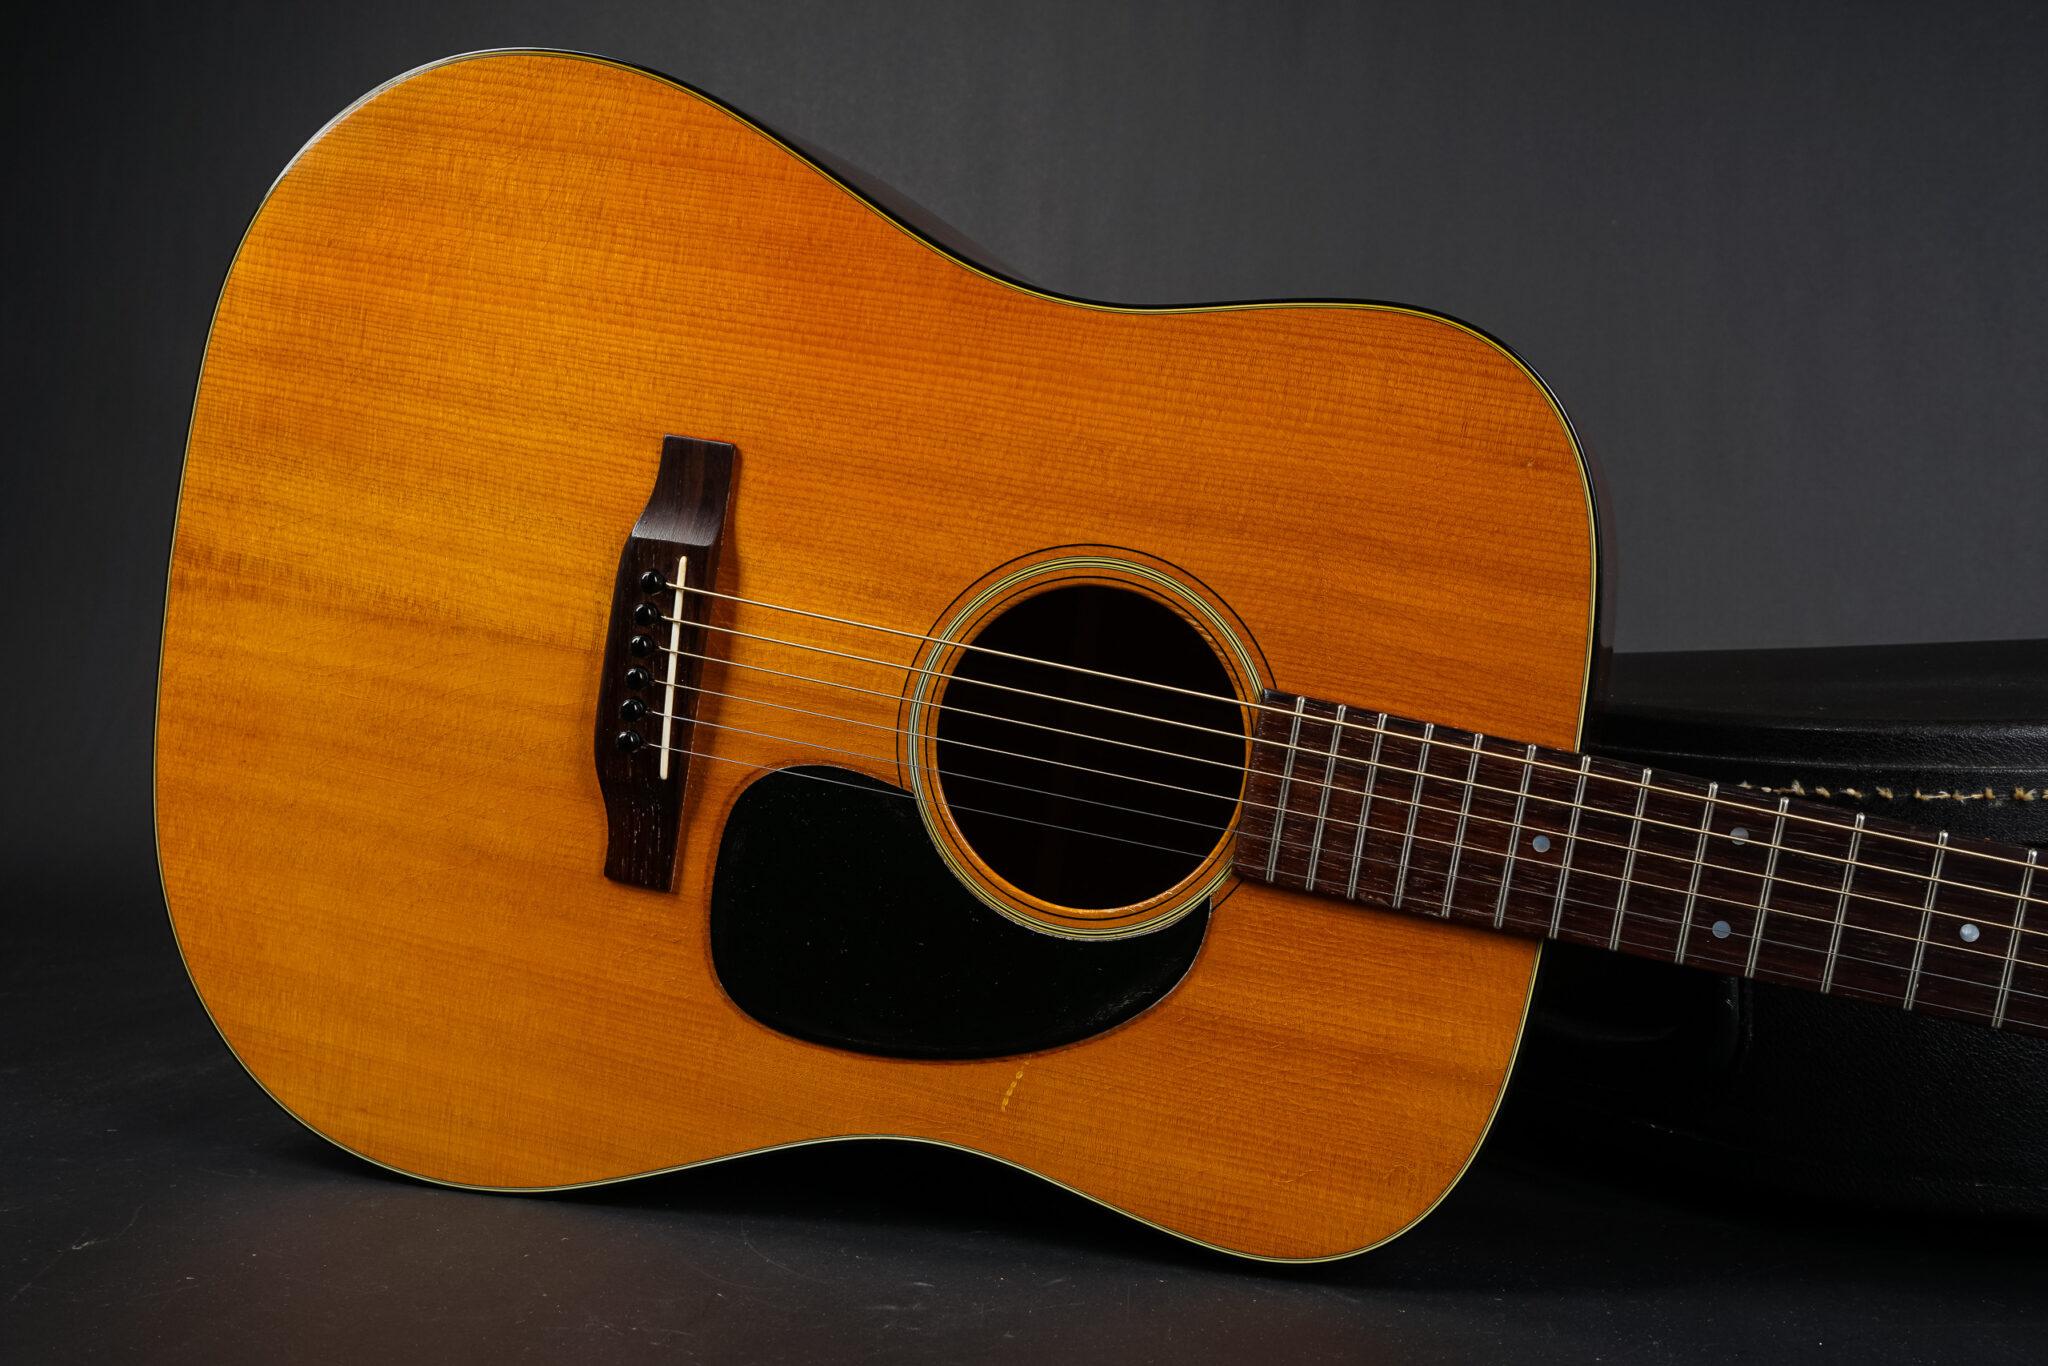 https://guitarpoint.de/app/uploads/products/1969-martin-d-18-natural-2/1969-Martin-D-18-249162-9-2048x1366.jpg